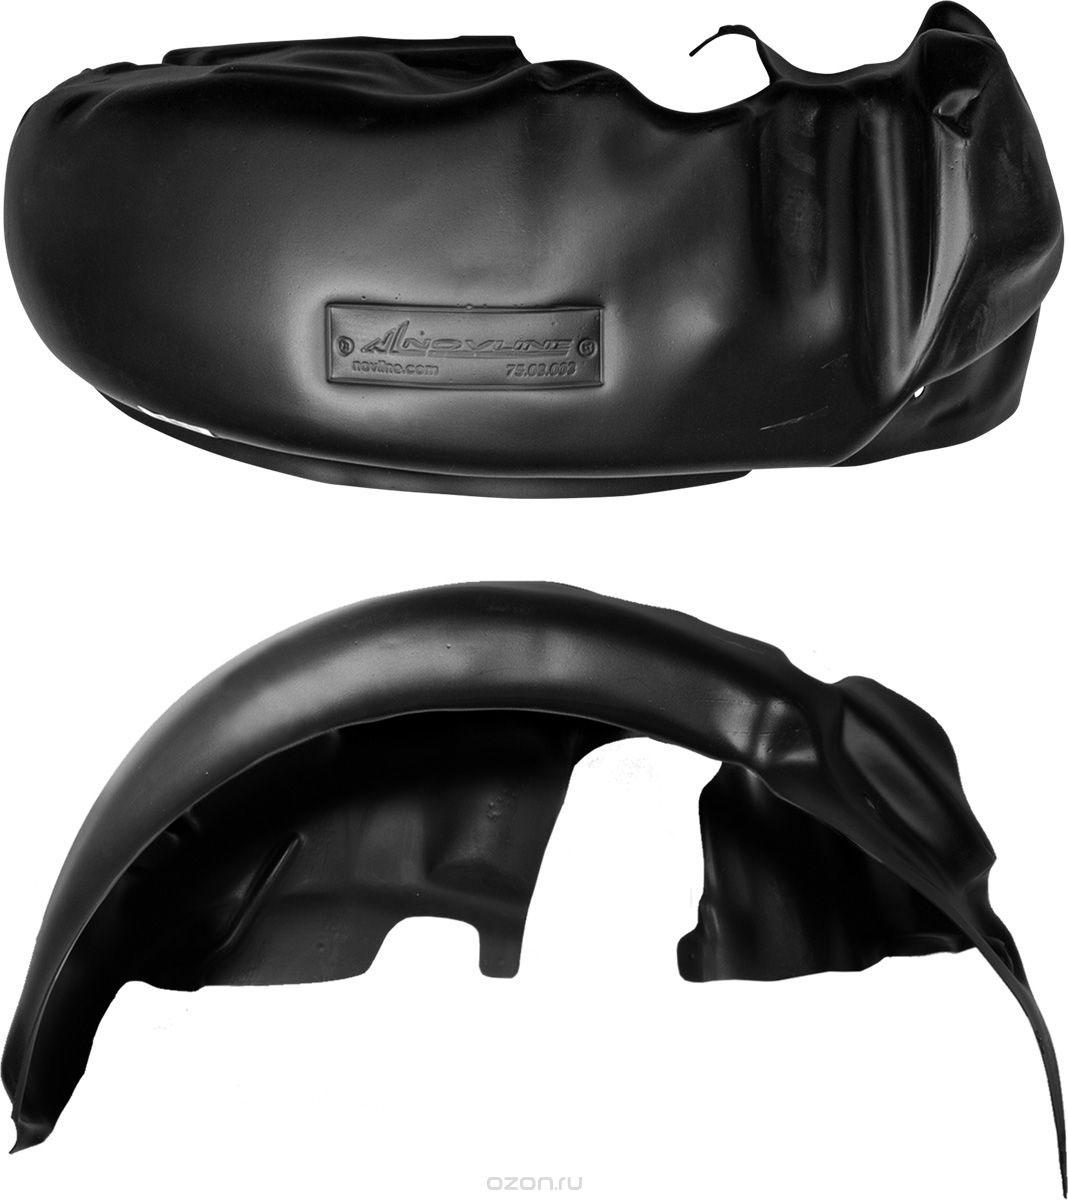 Подкрылок Novline-Autofamily, для CITROEN Jumper 08/2014->, без расширителей арок, передний правыйDW90Идеальная защита колесной ниши. Локеры разработаны с применением цифровых технологий, гарантируют максимальную повторяемость поверхности арки. Изделия устанавливаются без нарушения лакокрасочного покрытия автомобиля, каждый подкрылок комплектуется крепежом. Уважаемые клиенты, обращаем ваше внимание, что фотографии на подкрылки универсальные и не отражают реальную форму изделия. При этом само изделие идет точно под размер указанного автомобиля.